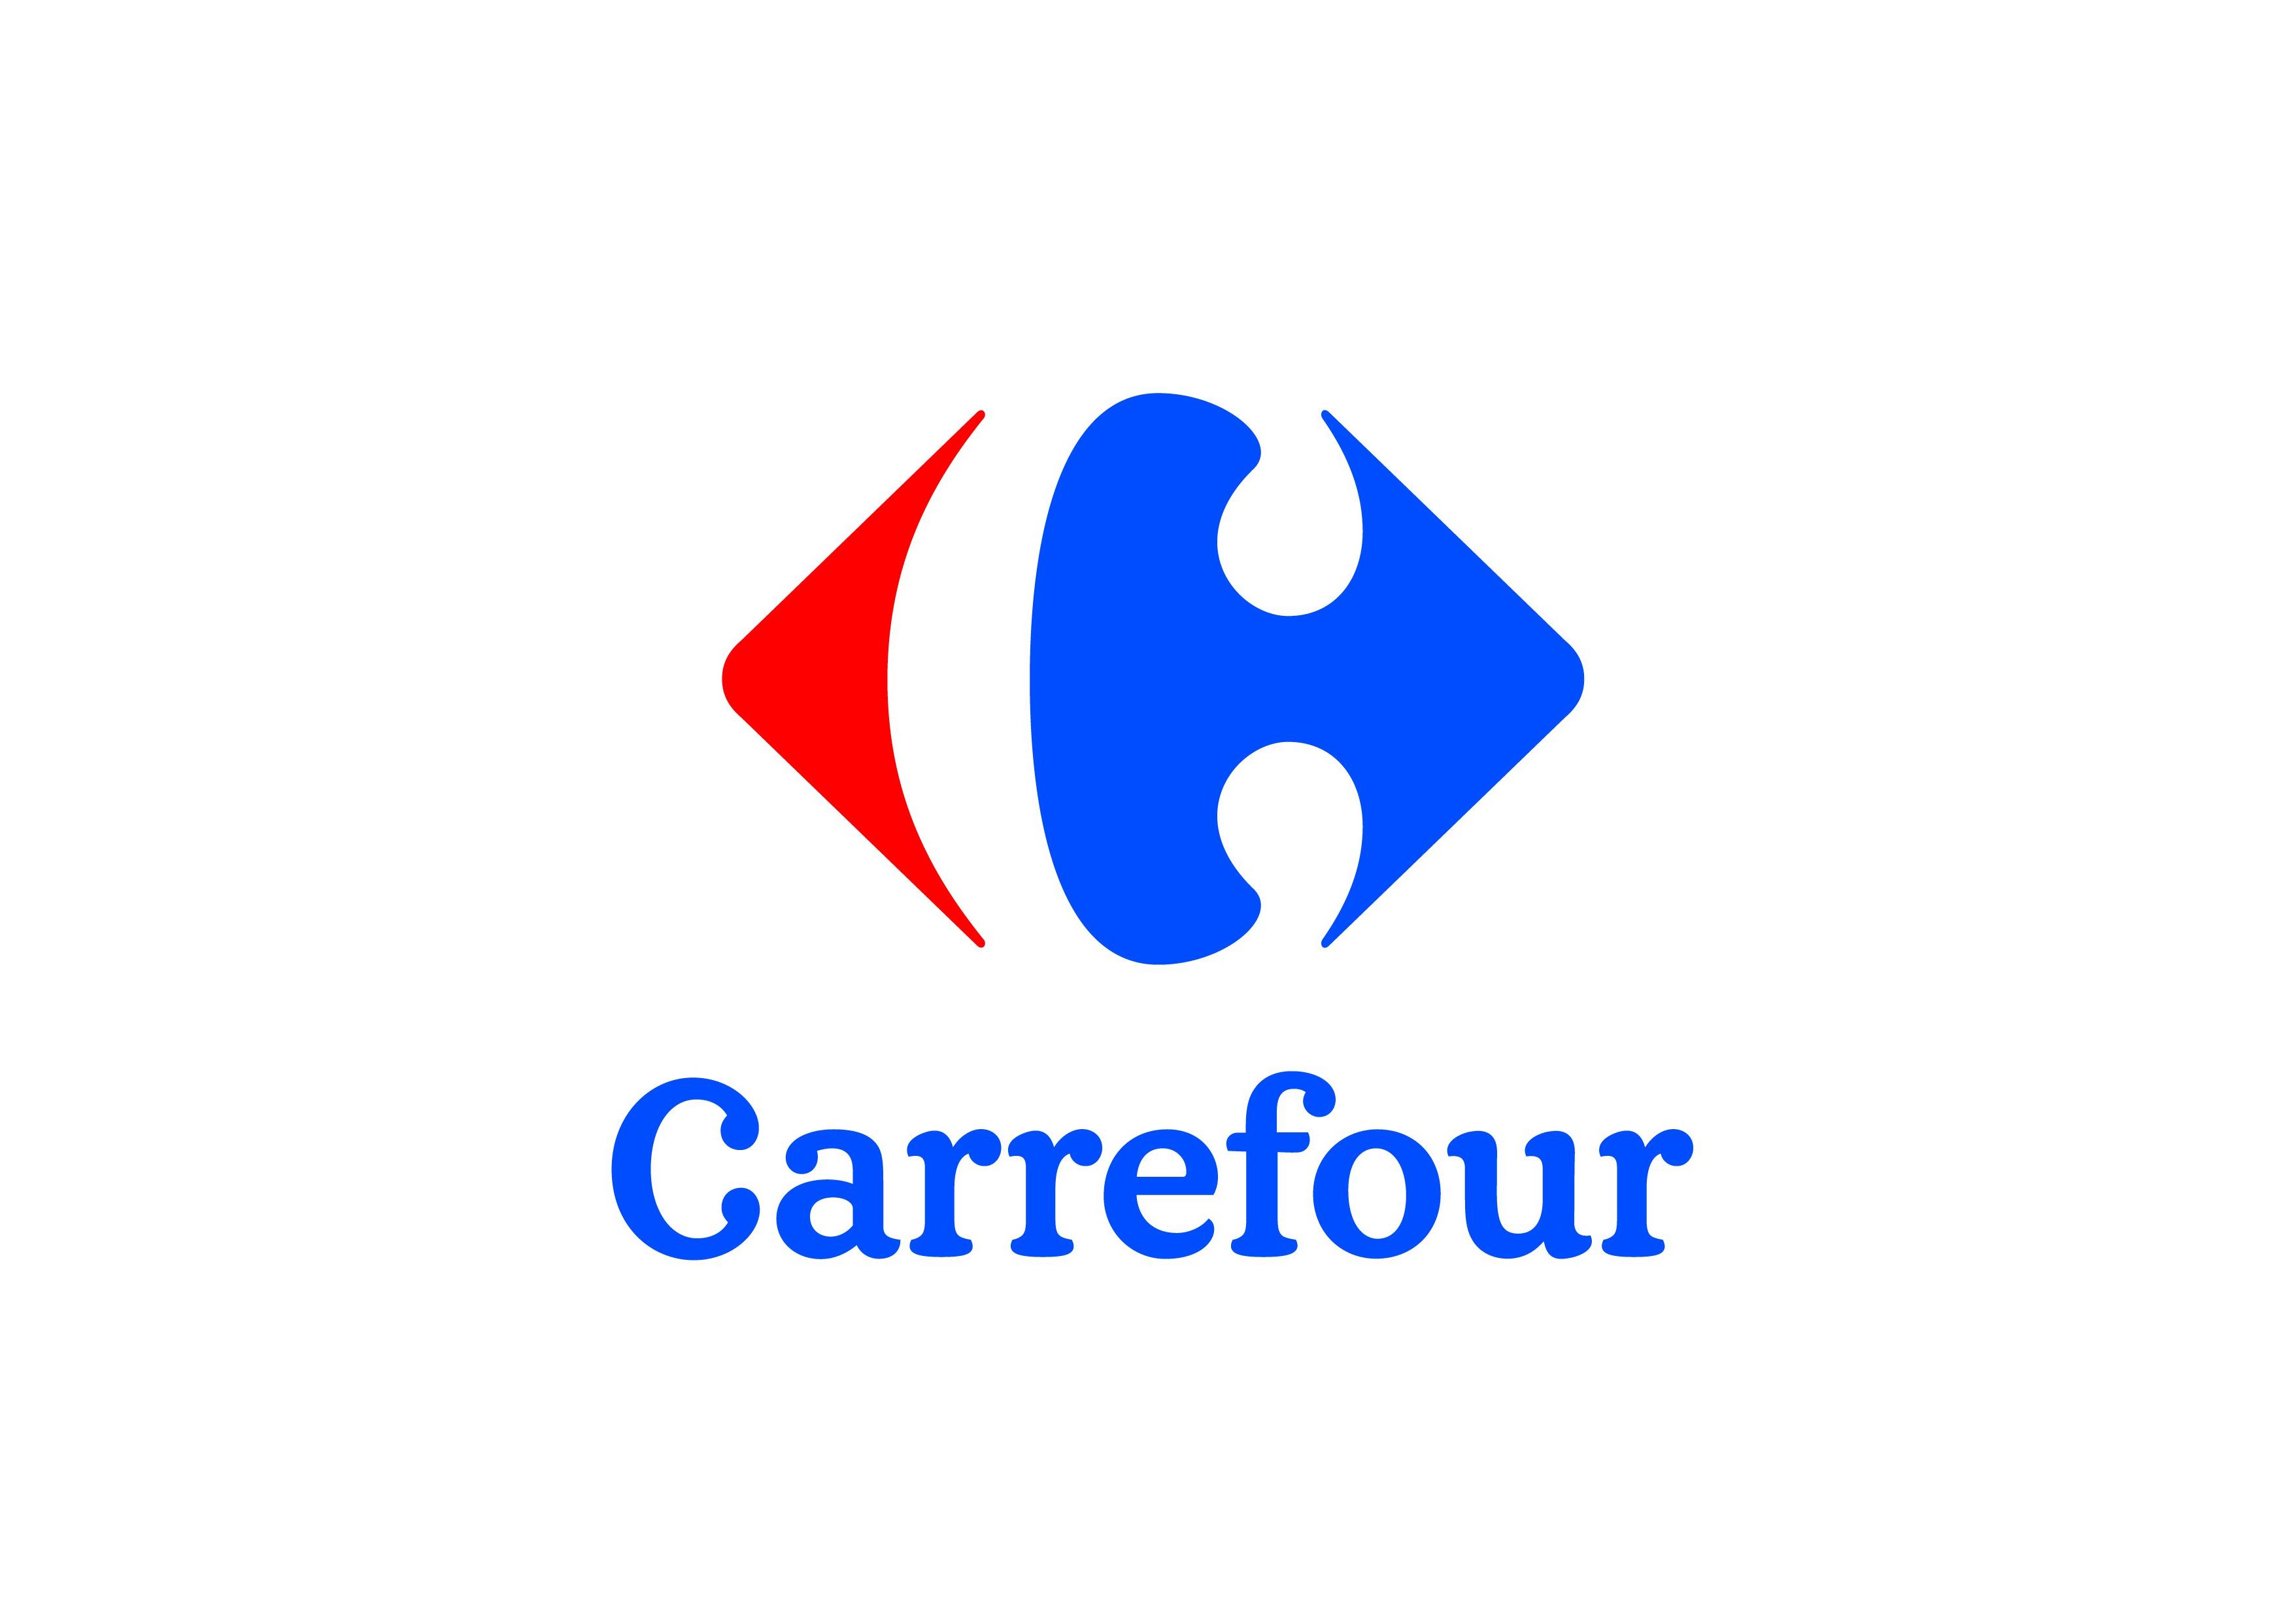 Carrefour Solidarité